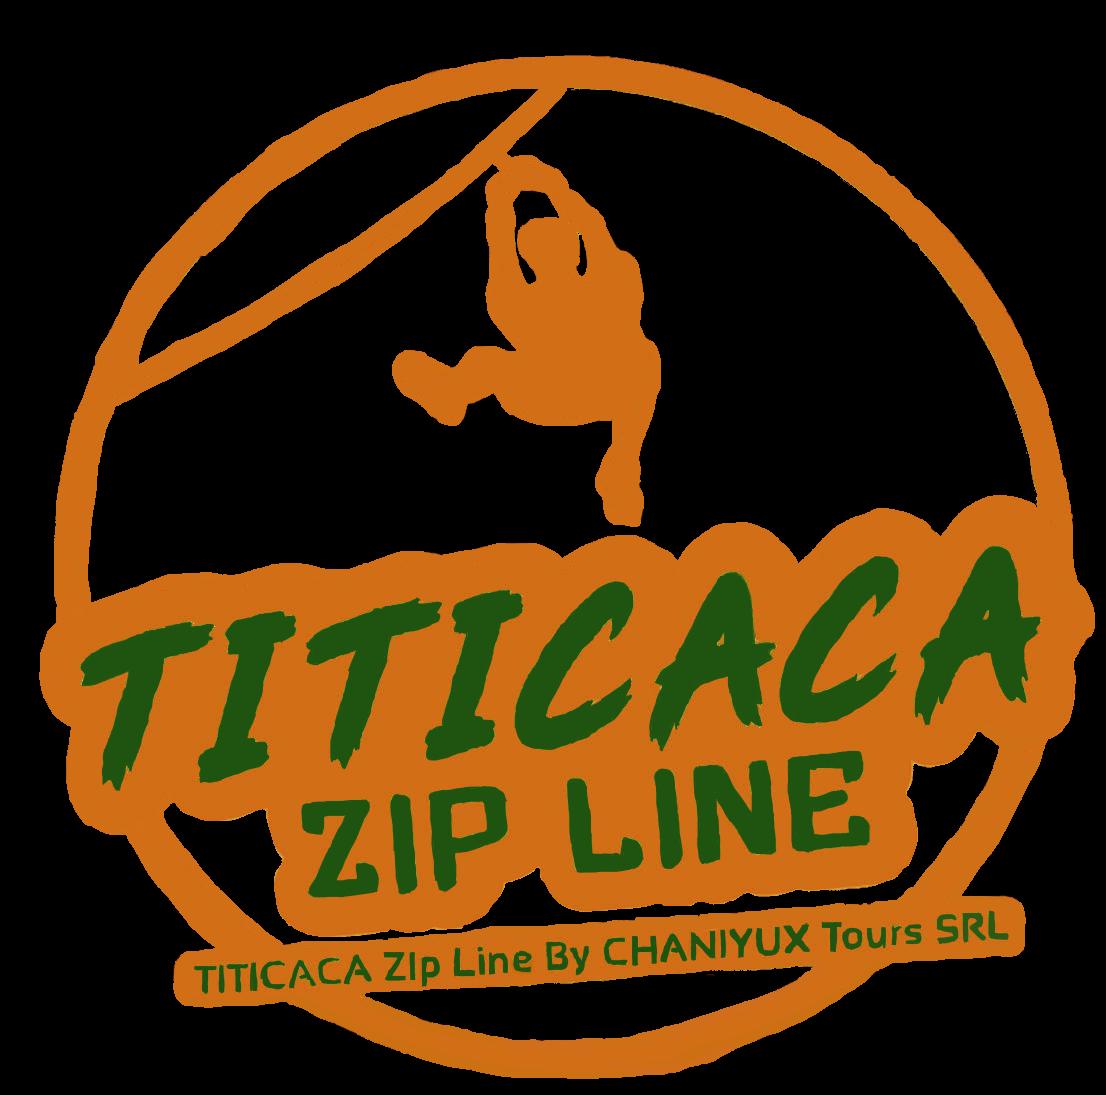 Titicaca Zip Line